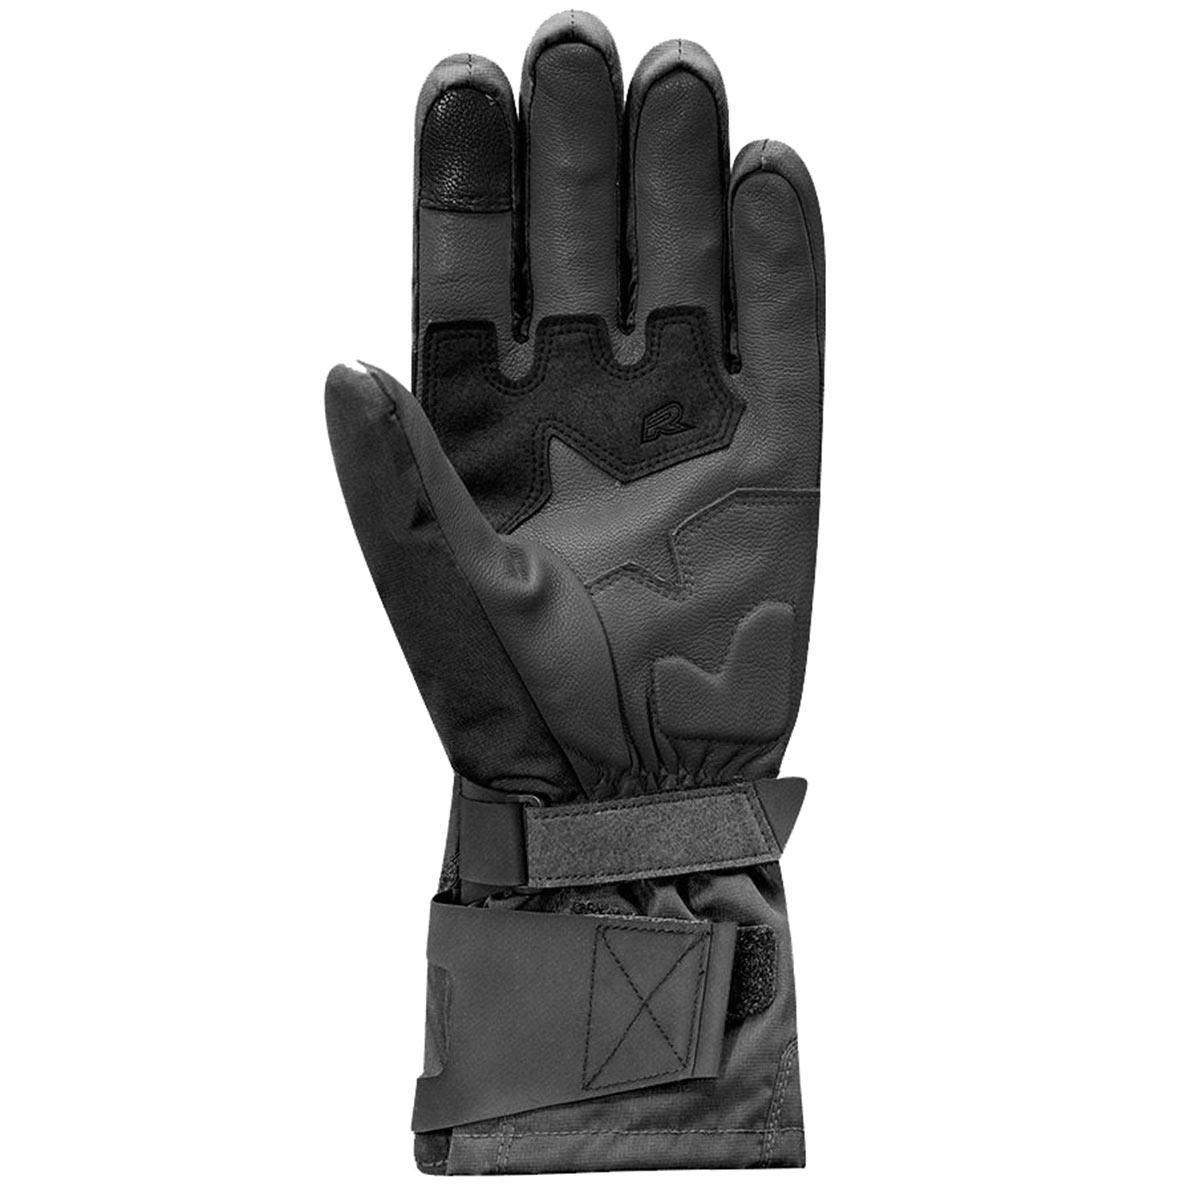 Racer Command GTX Gloves - Black